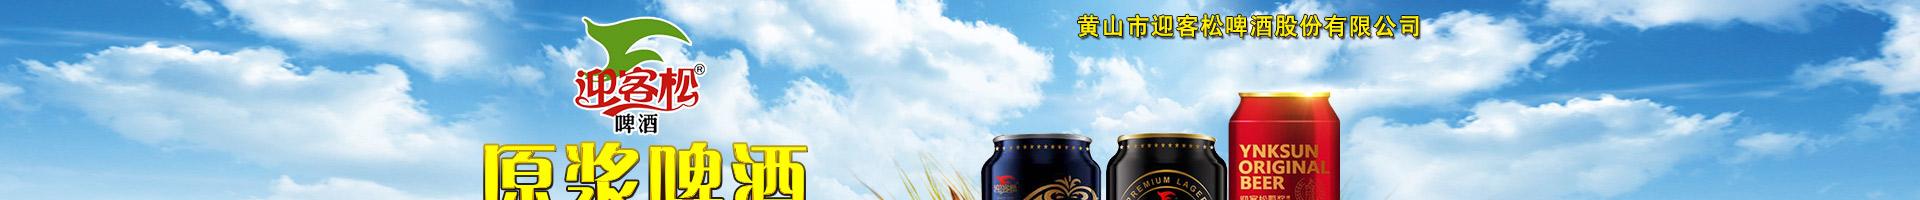 黄山市迎客松啤酒股份有限公司